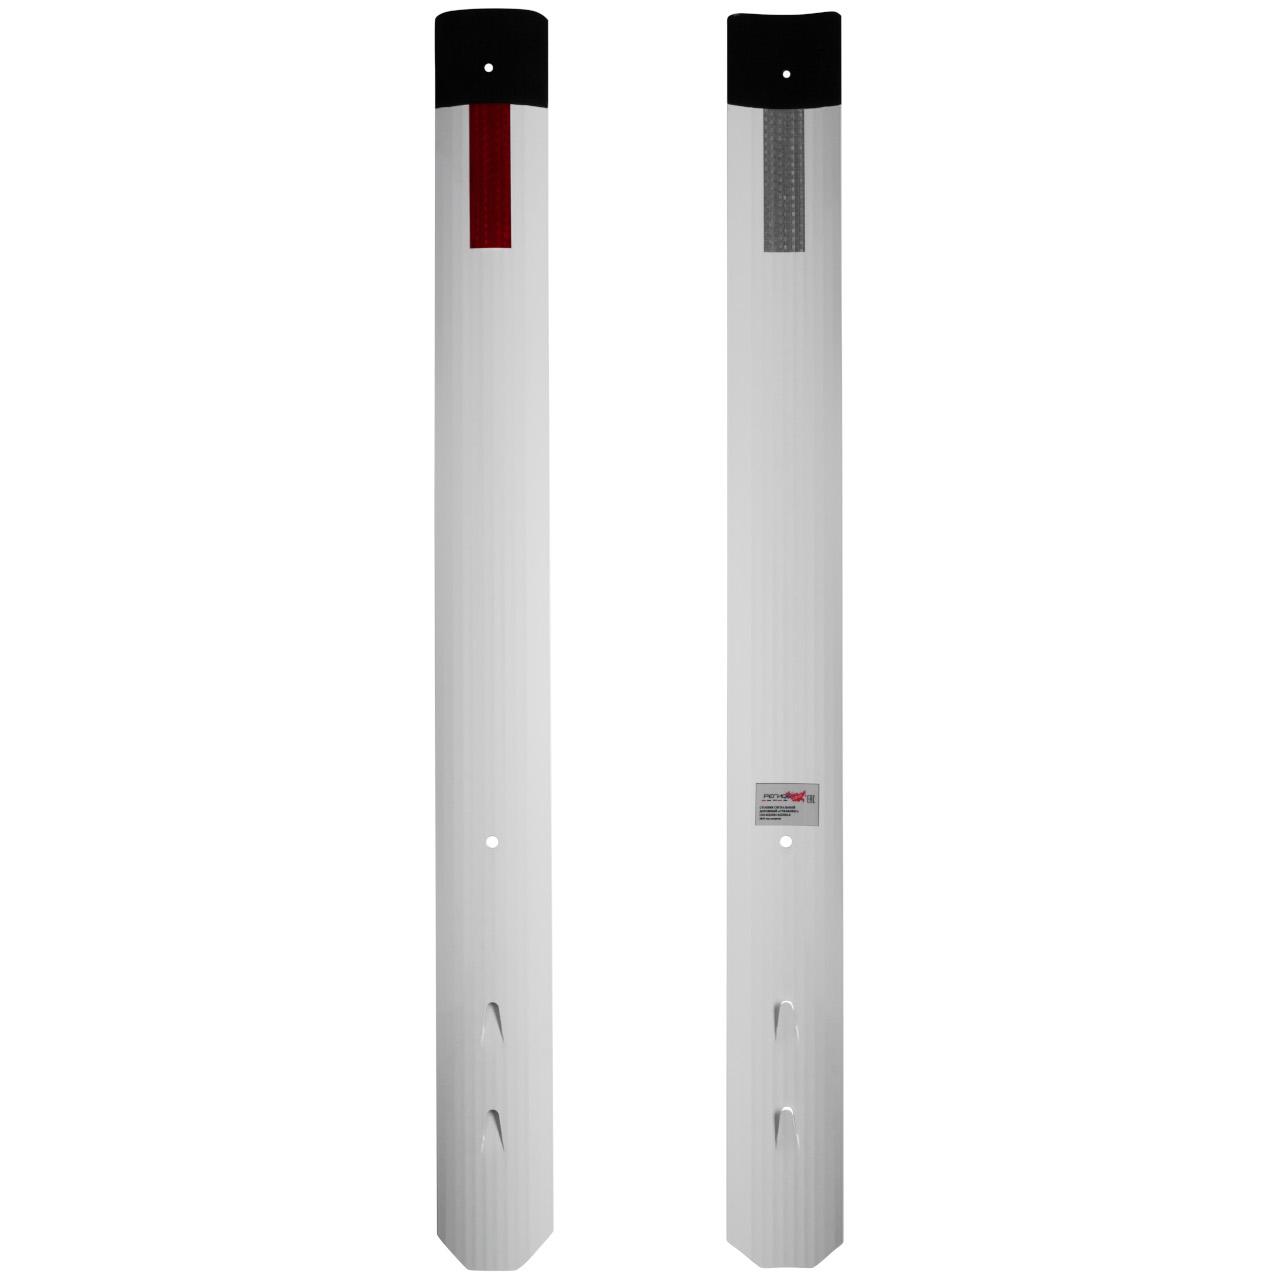 Столбик сигнальный дорожный стилфлекс с прямым верхом с пленкой вид спереди